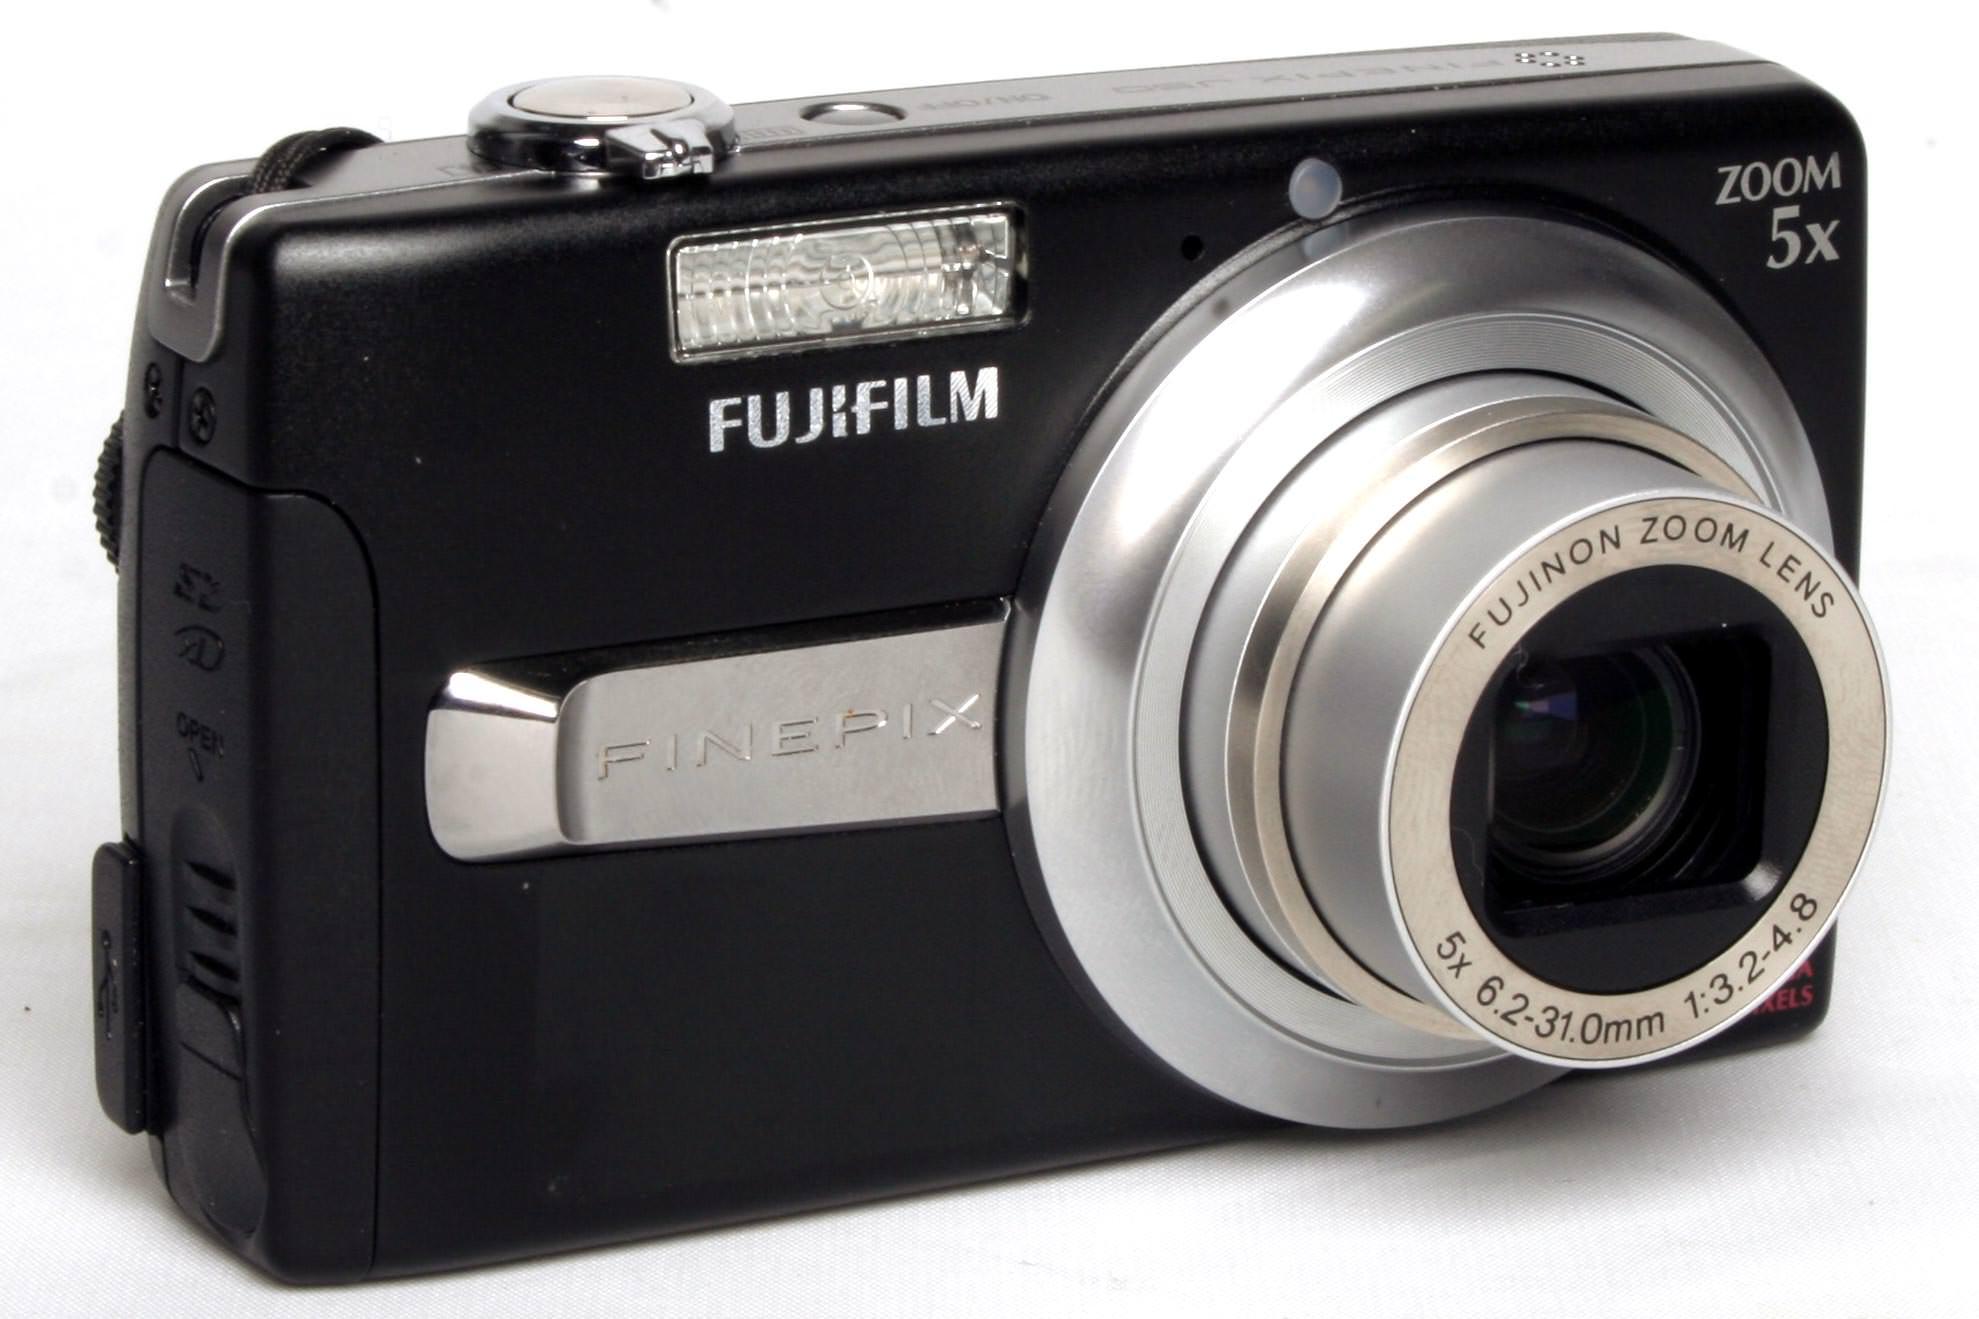 Fujifilm FinePix J50